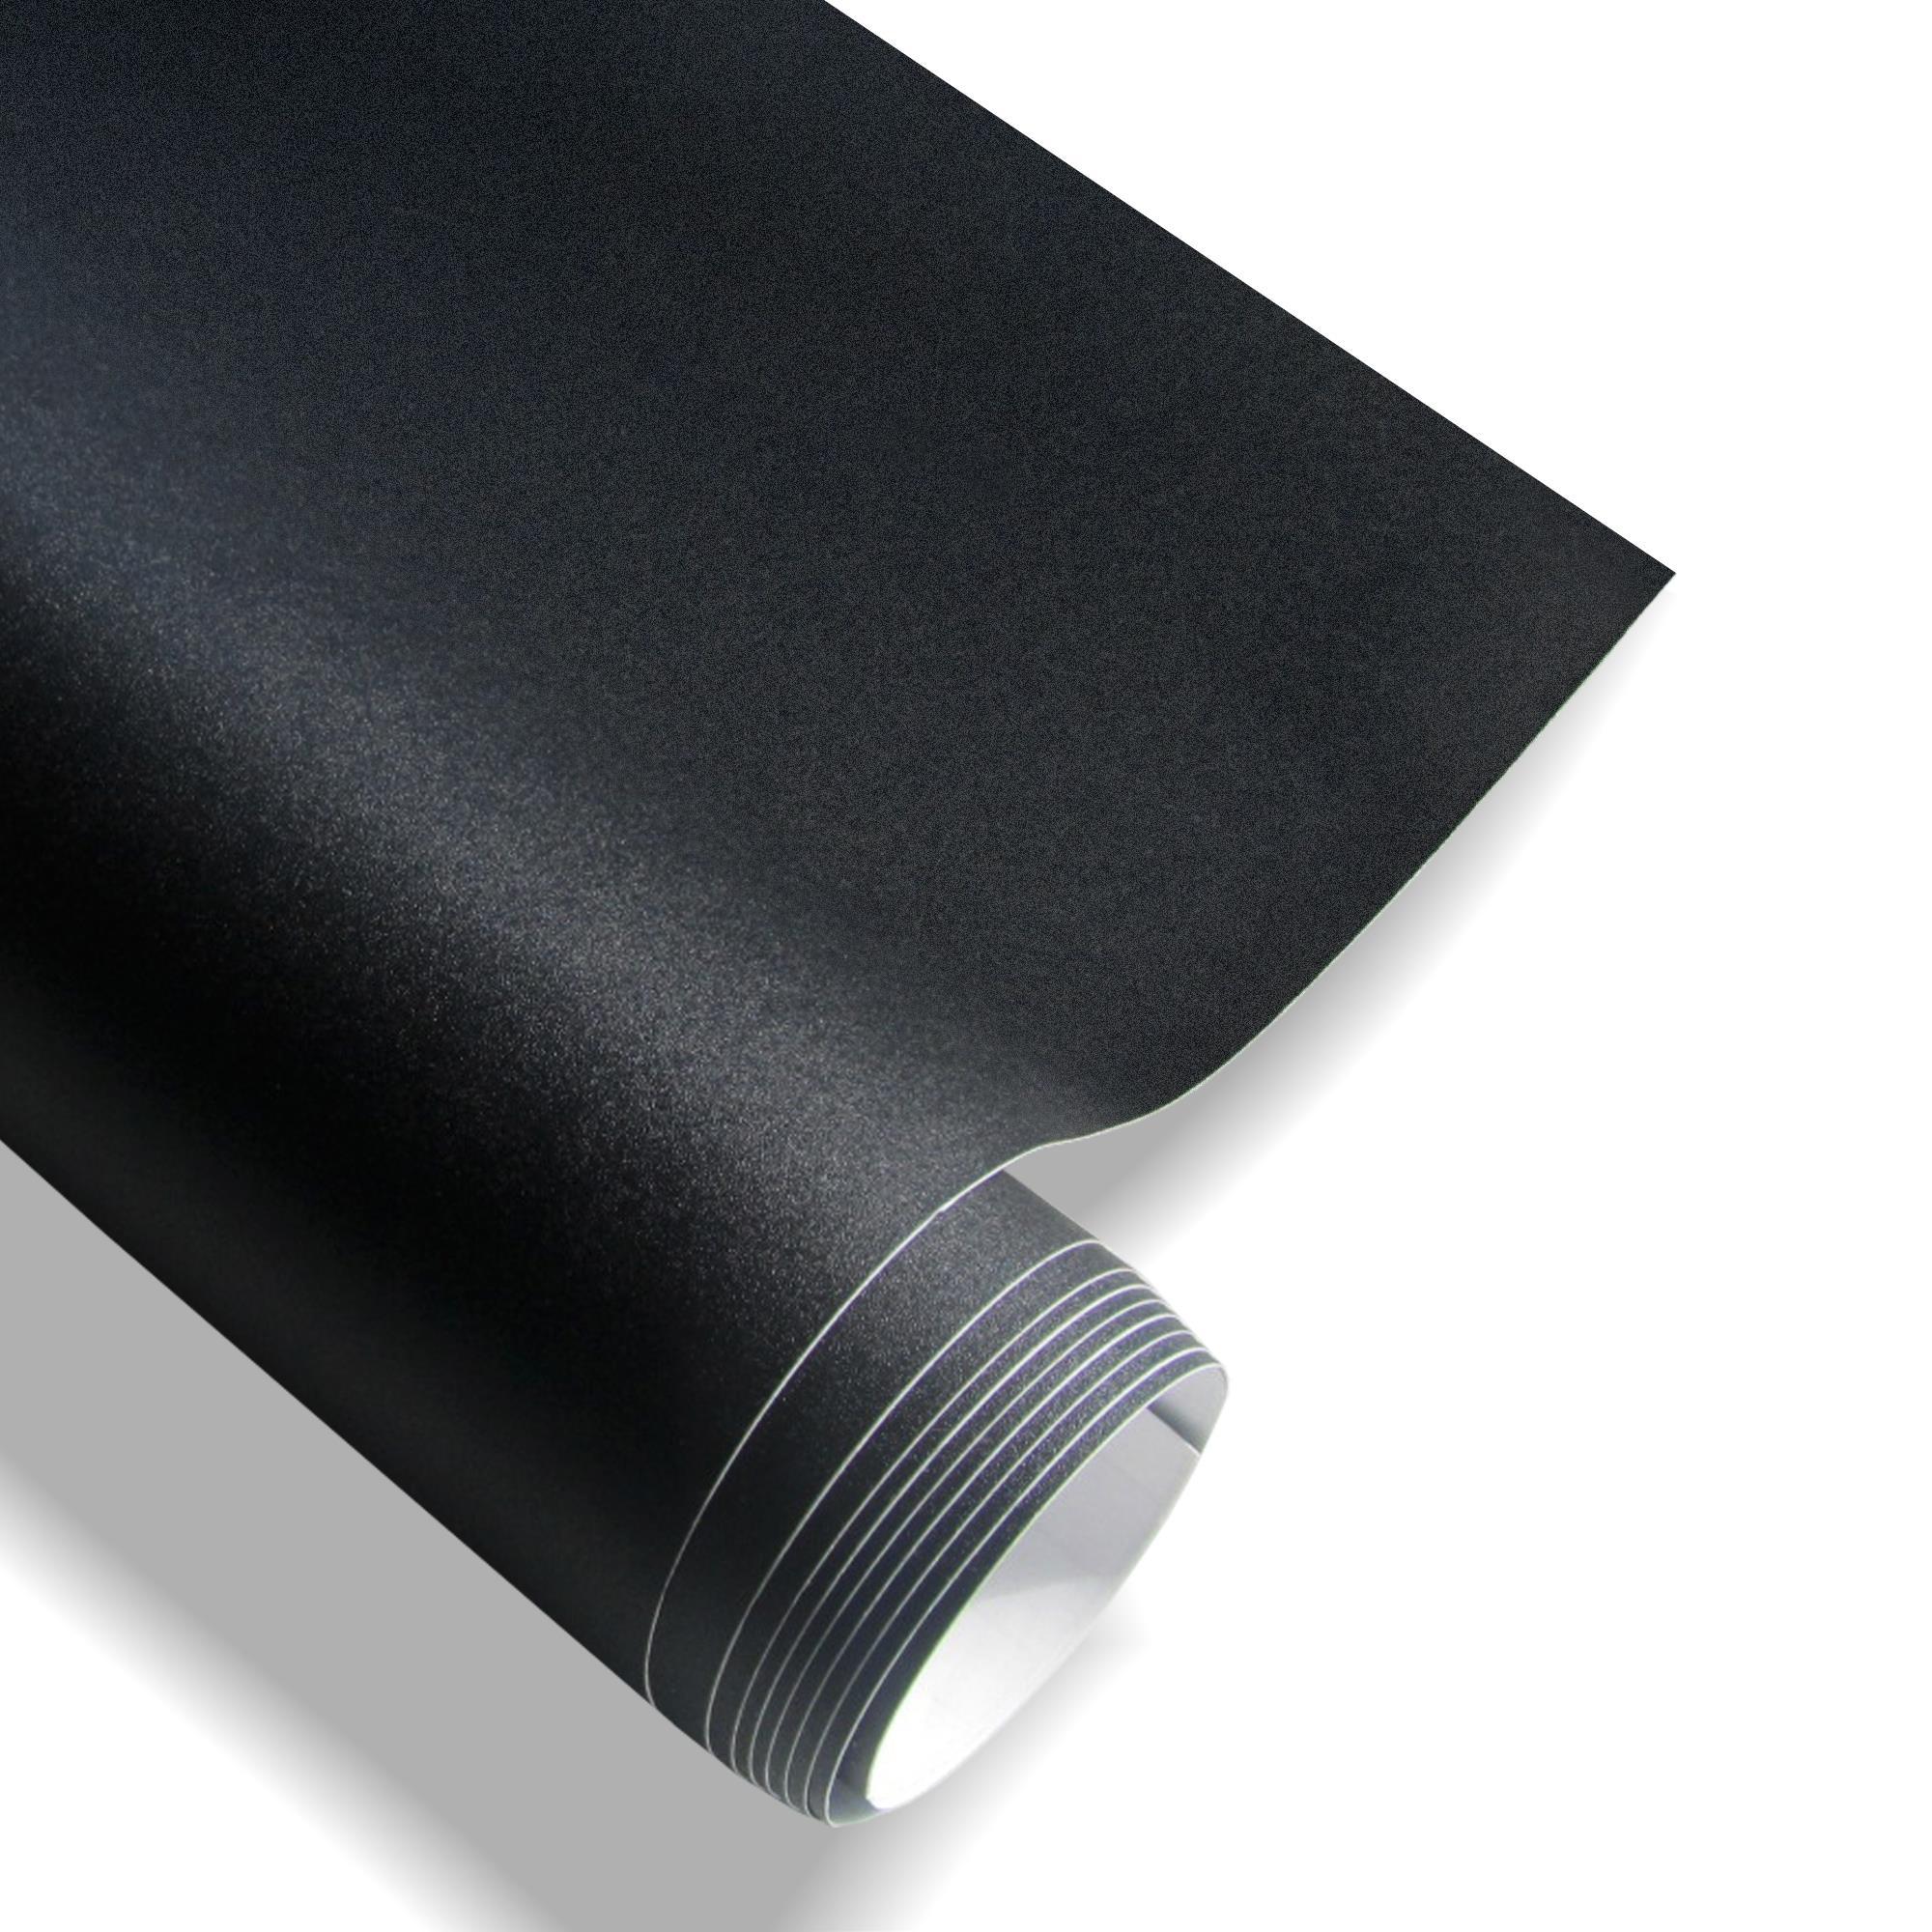 premium autofolie schwarz mit glitzer effekt pvc 152x200cm selbstklebend ebay. Black Bedroom Furniture Sets. Home Design Ideas